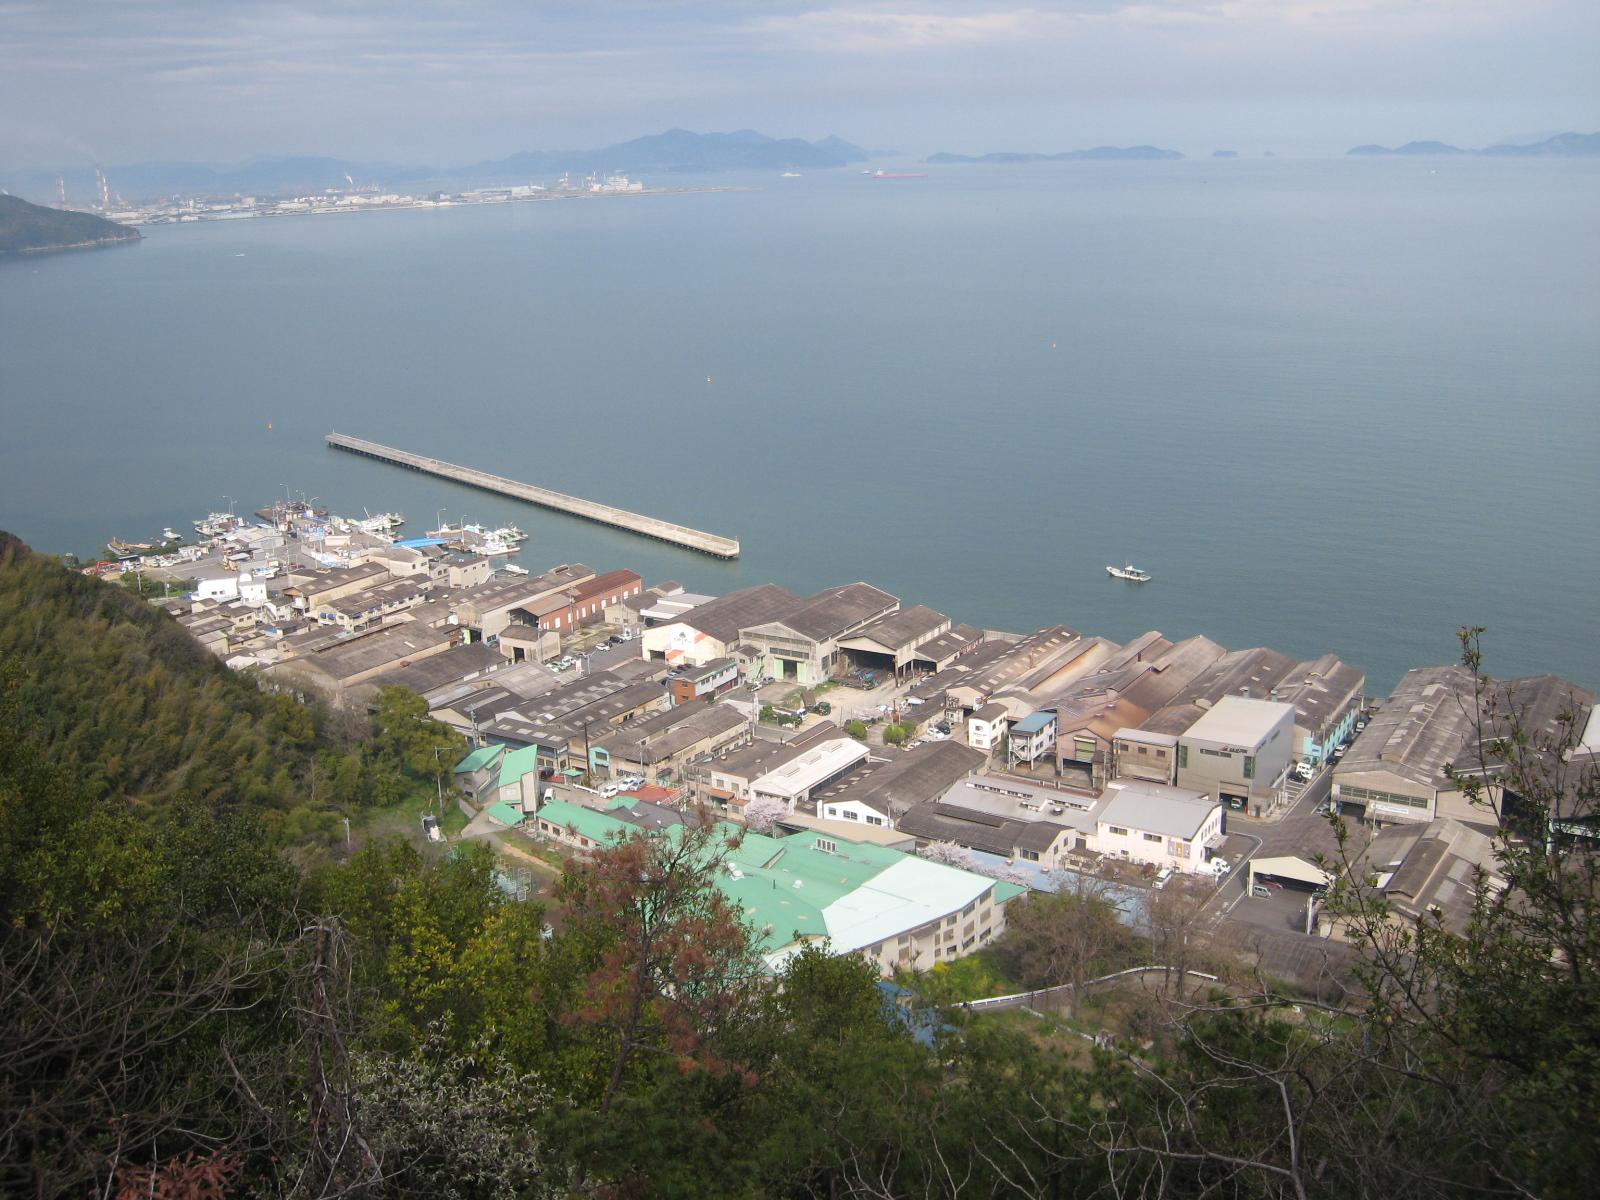 日本で一番最初に造成された工業団地「鞆鉄鋼団地」